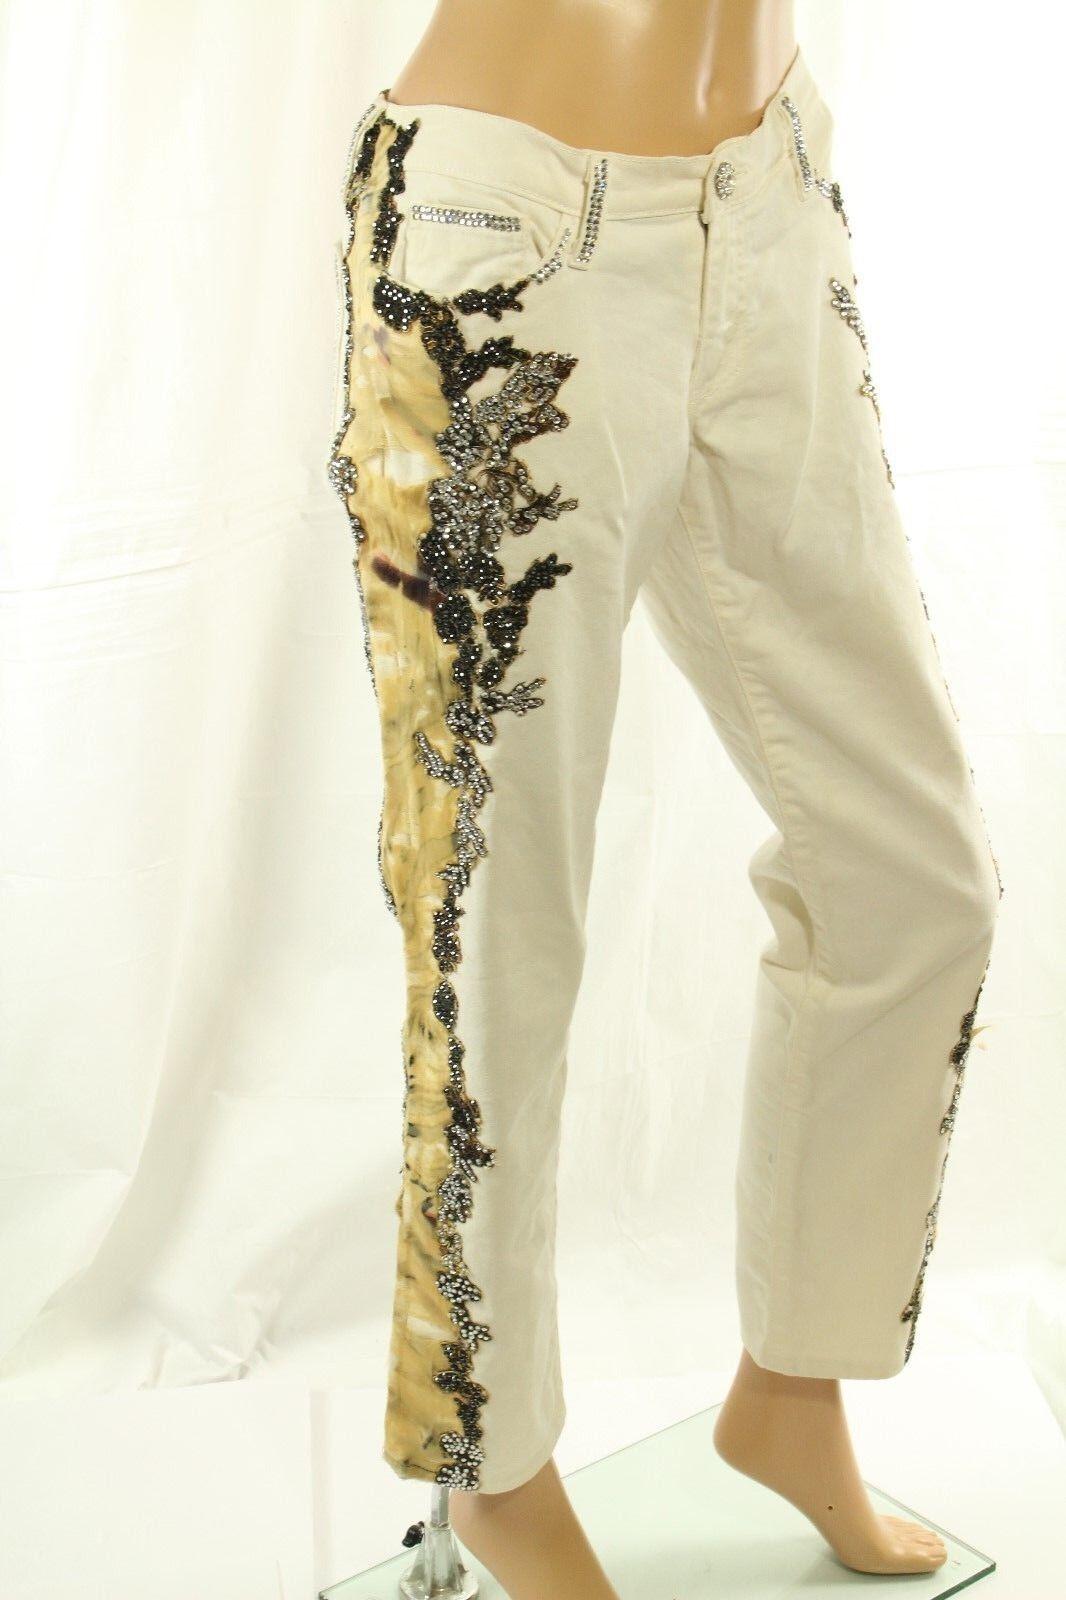 Claudio Milano Damen Jeans Weiß Swarovski Spitze Verziert Größe UK 11